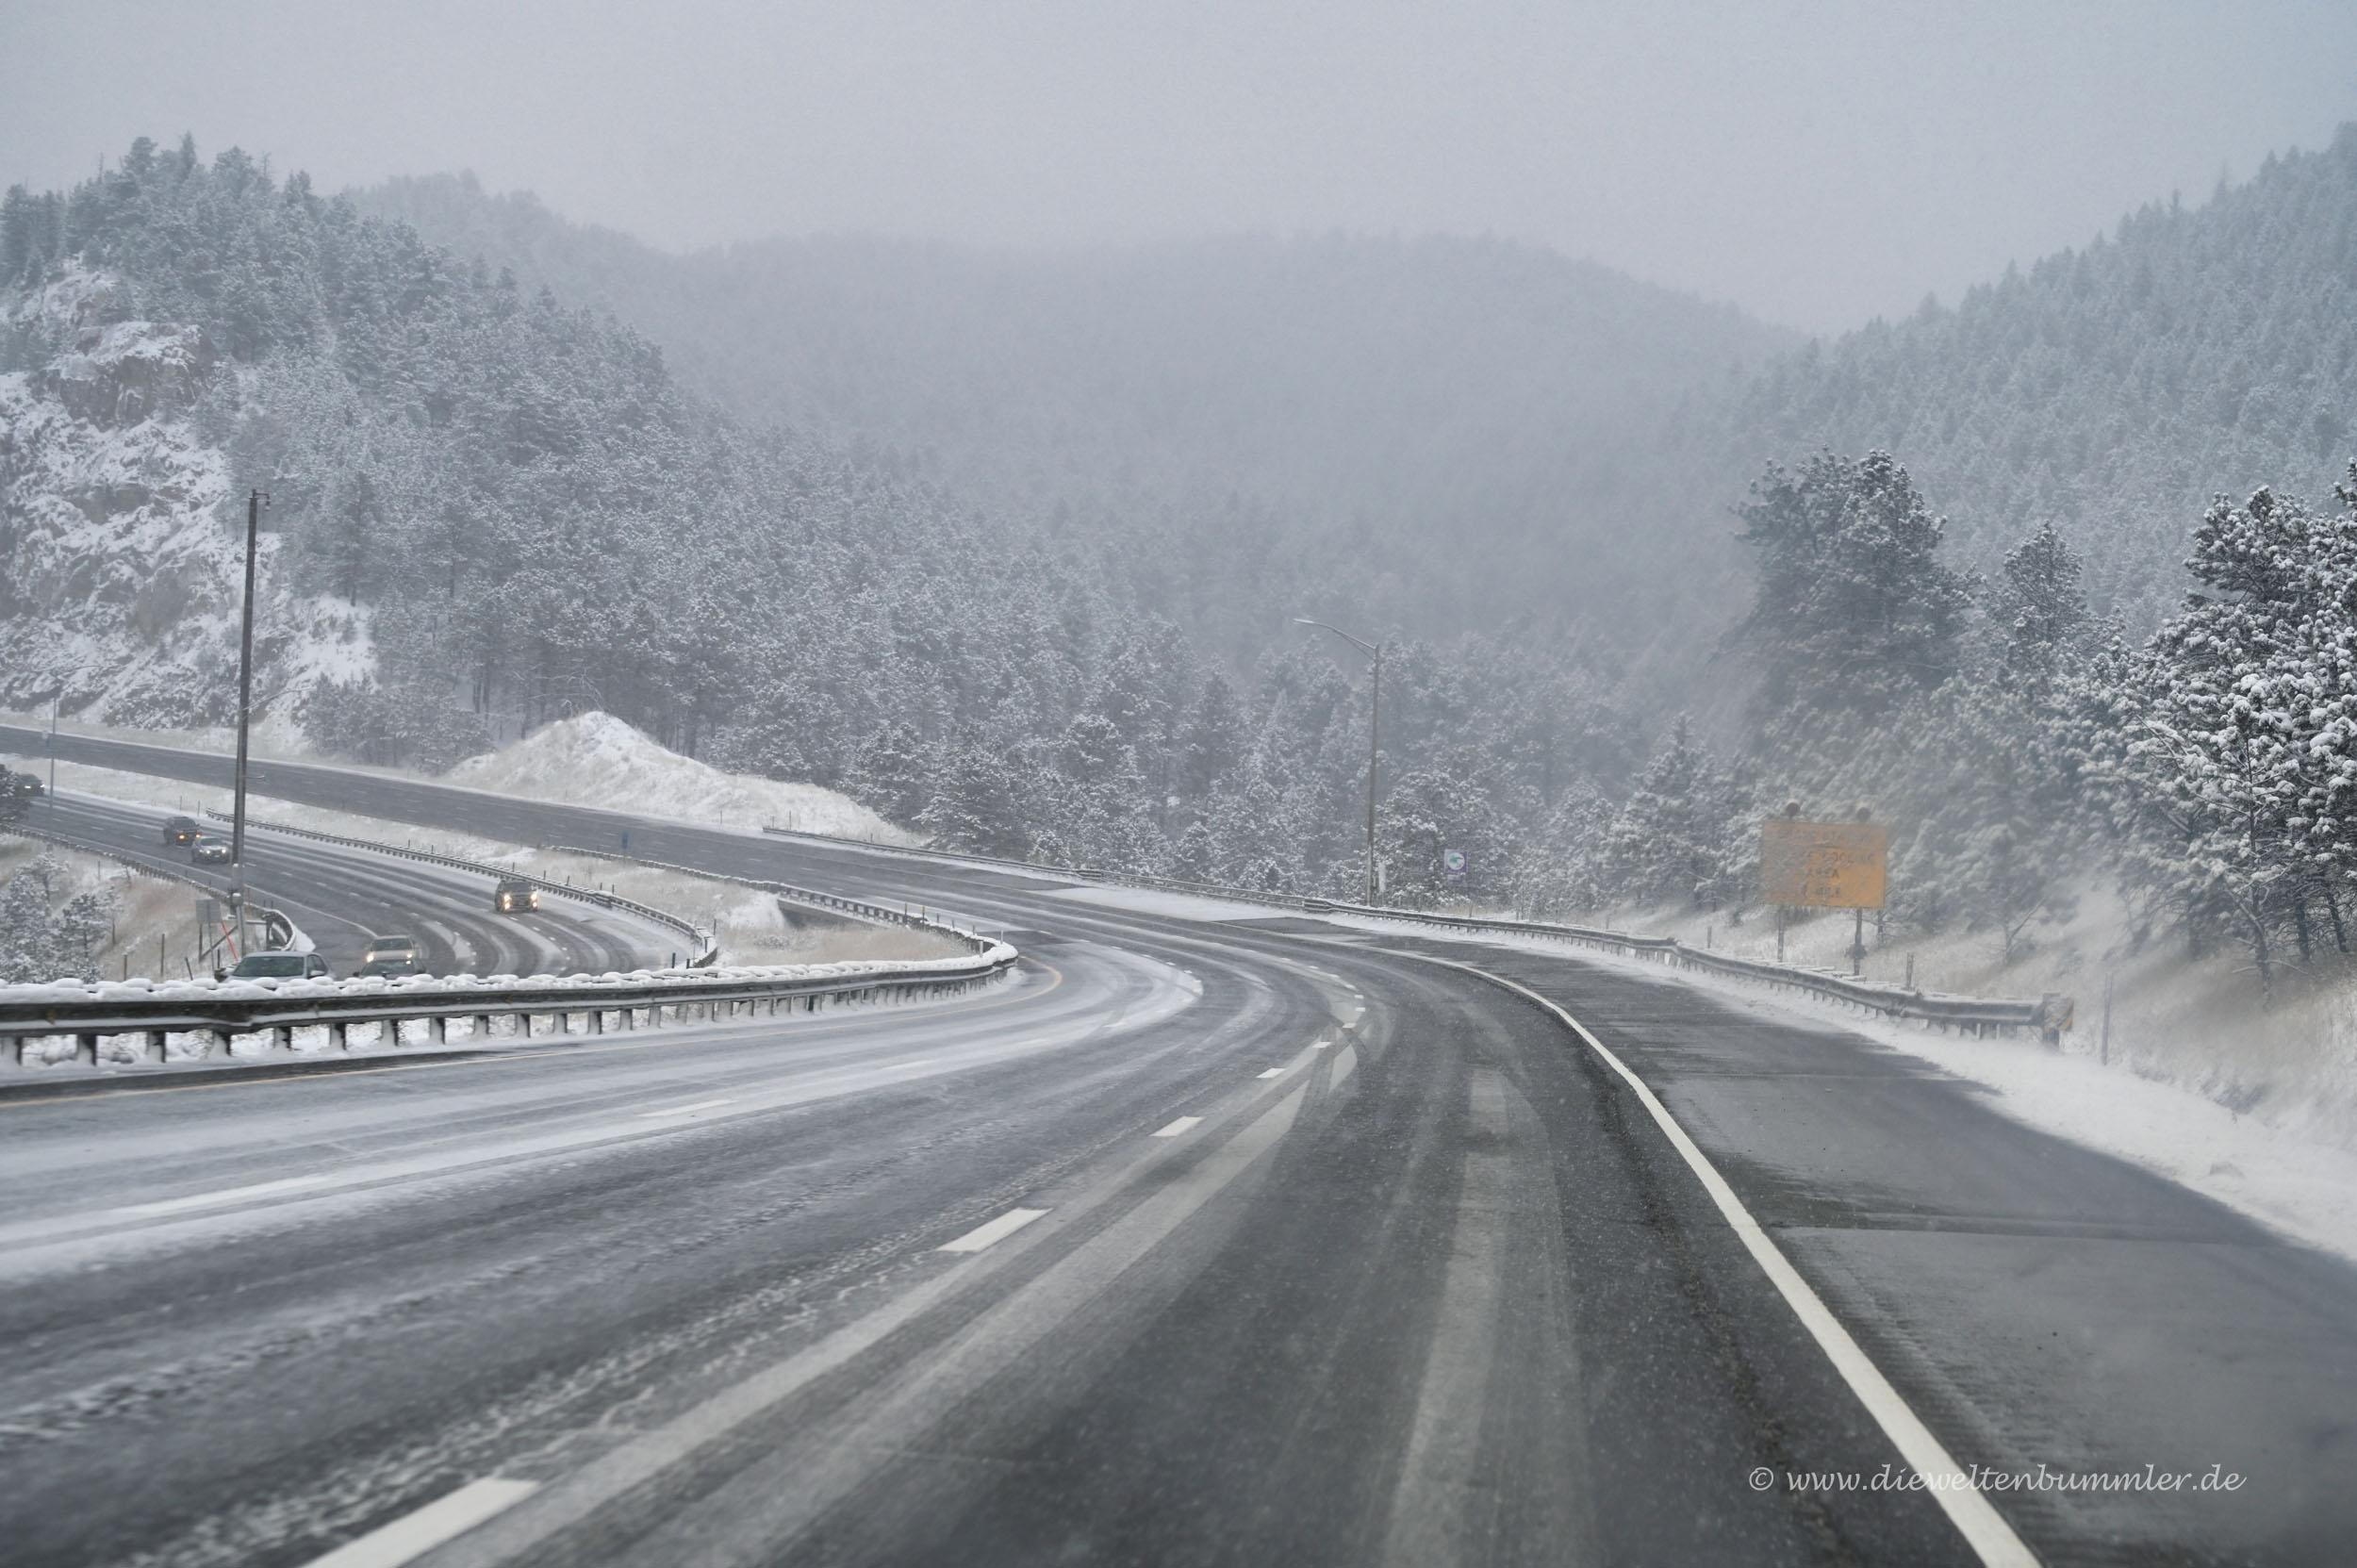 Schneefall auf dem Highway